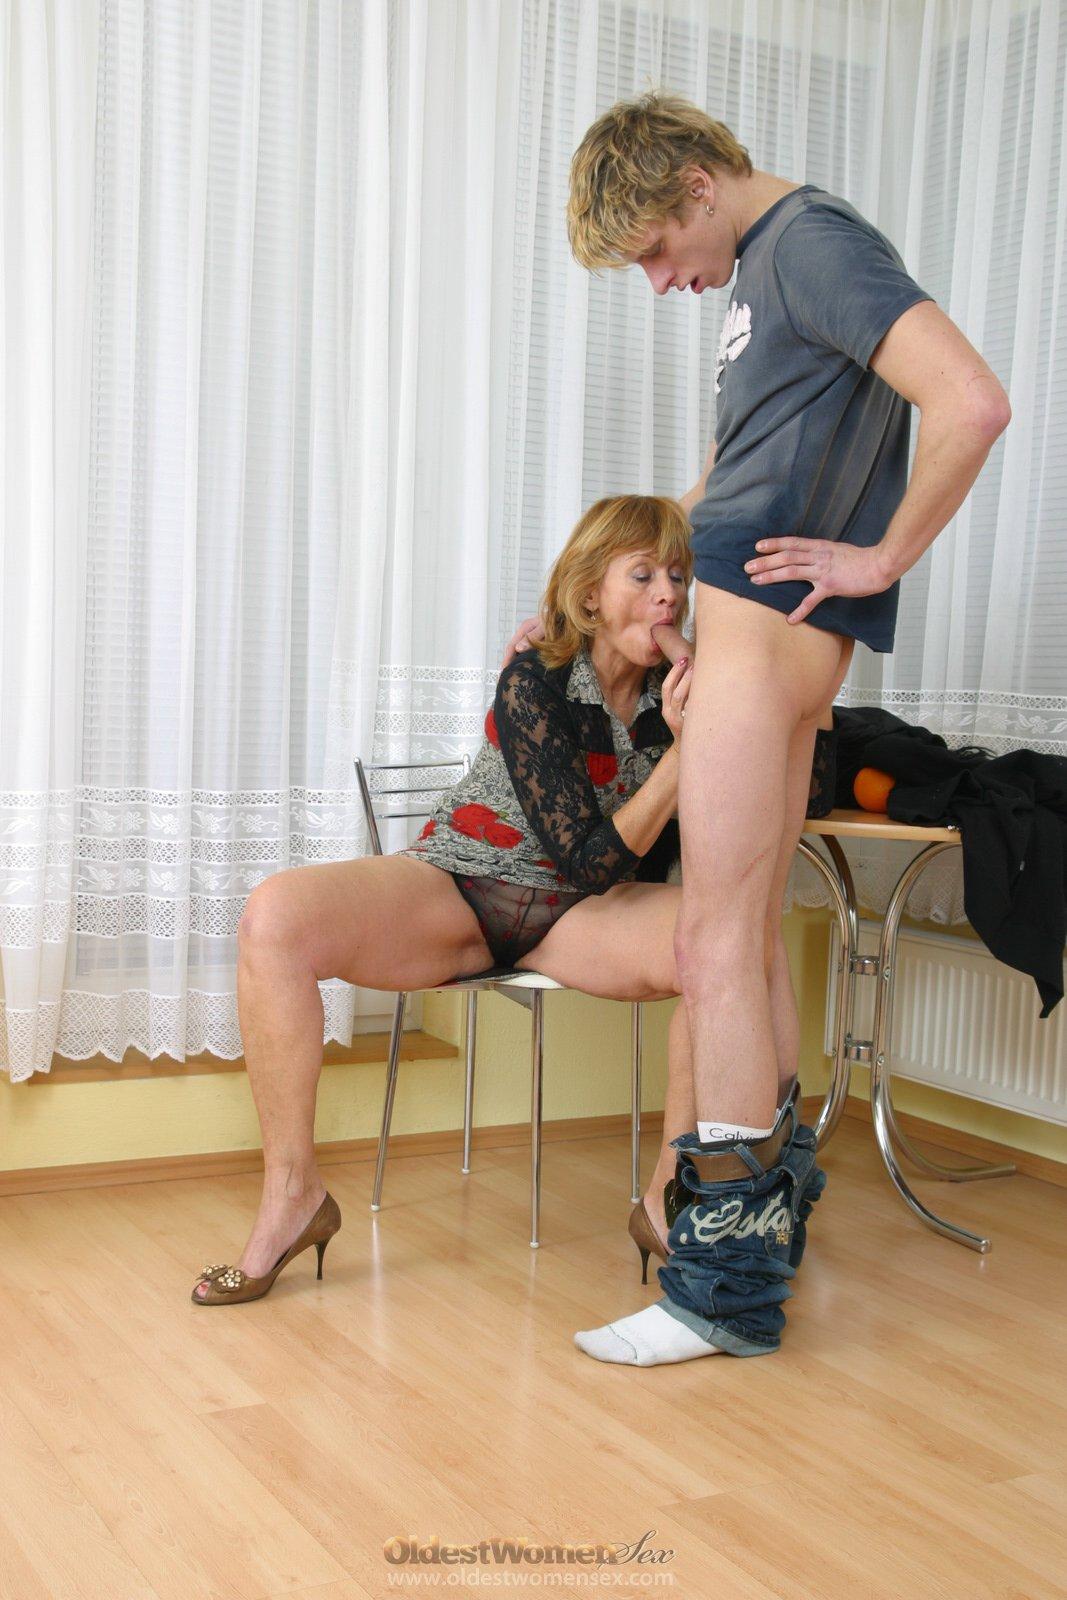 Племянник пришел не вовремя когда тётя мастурбировала